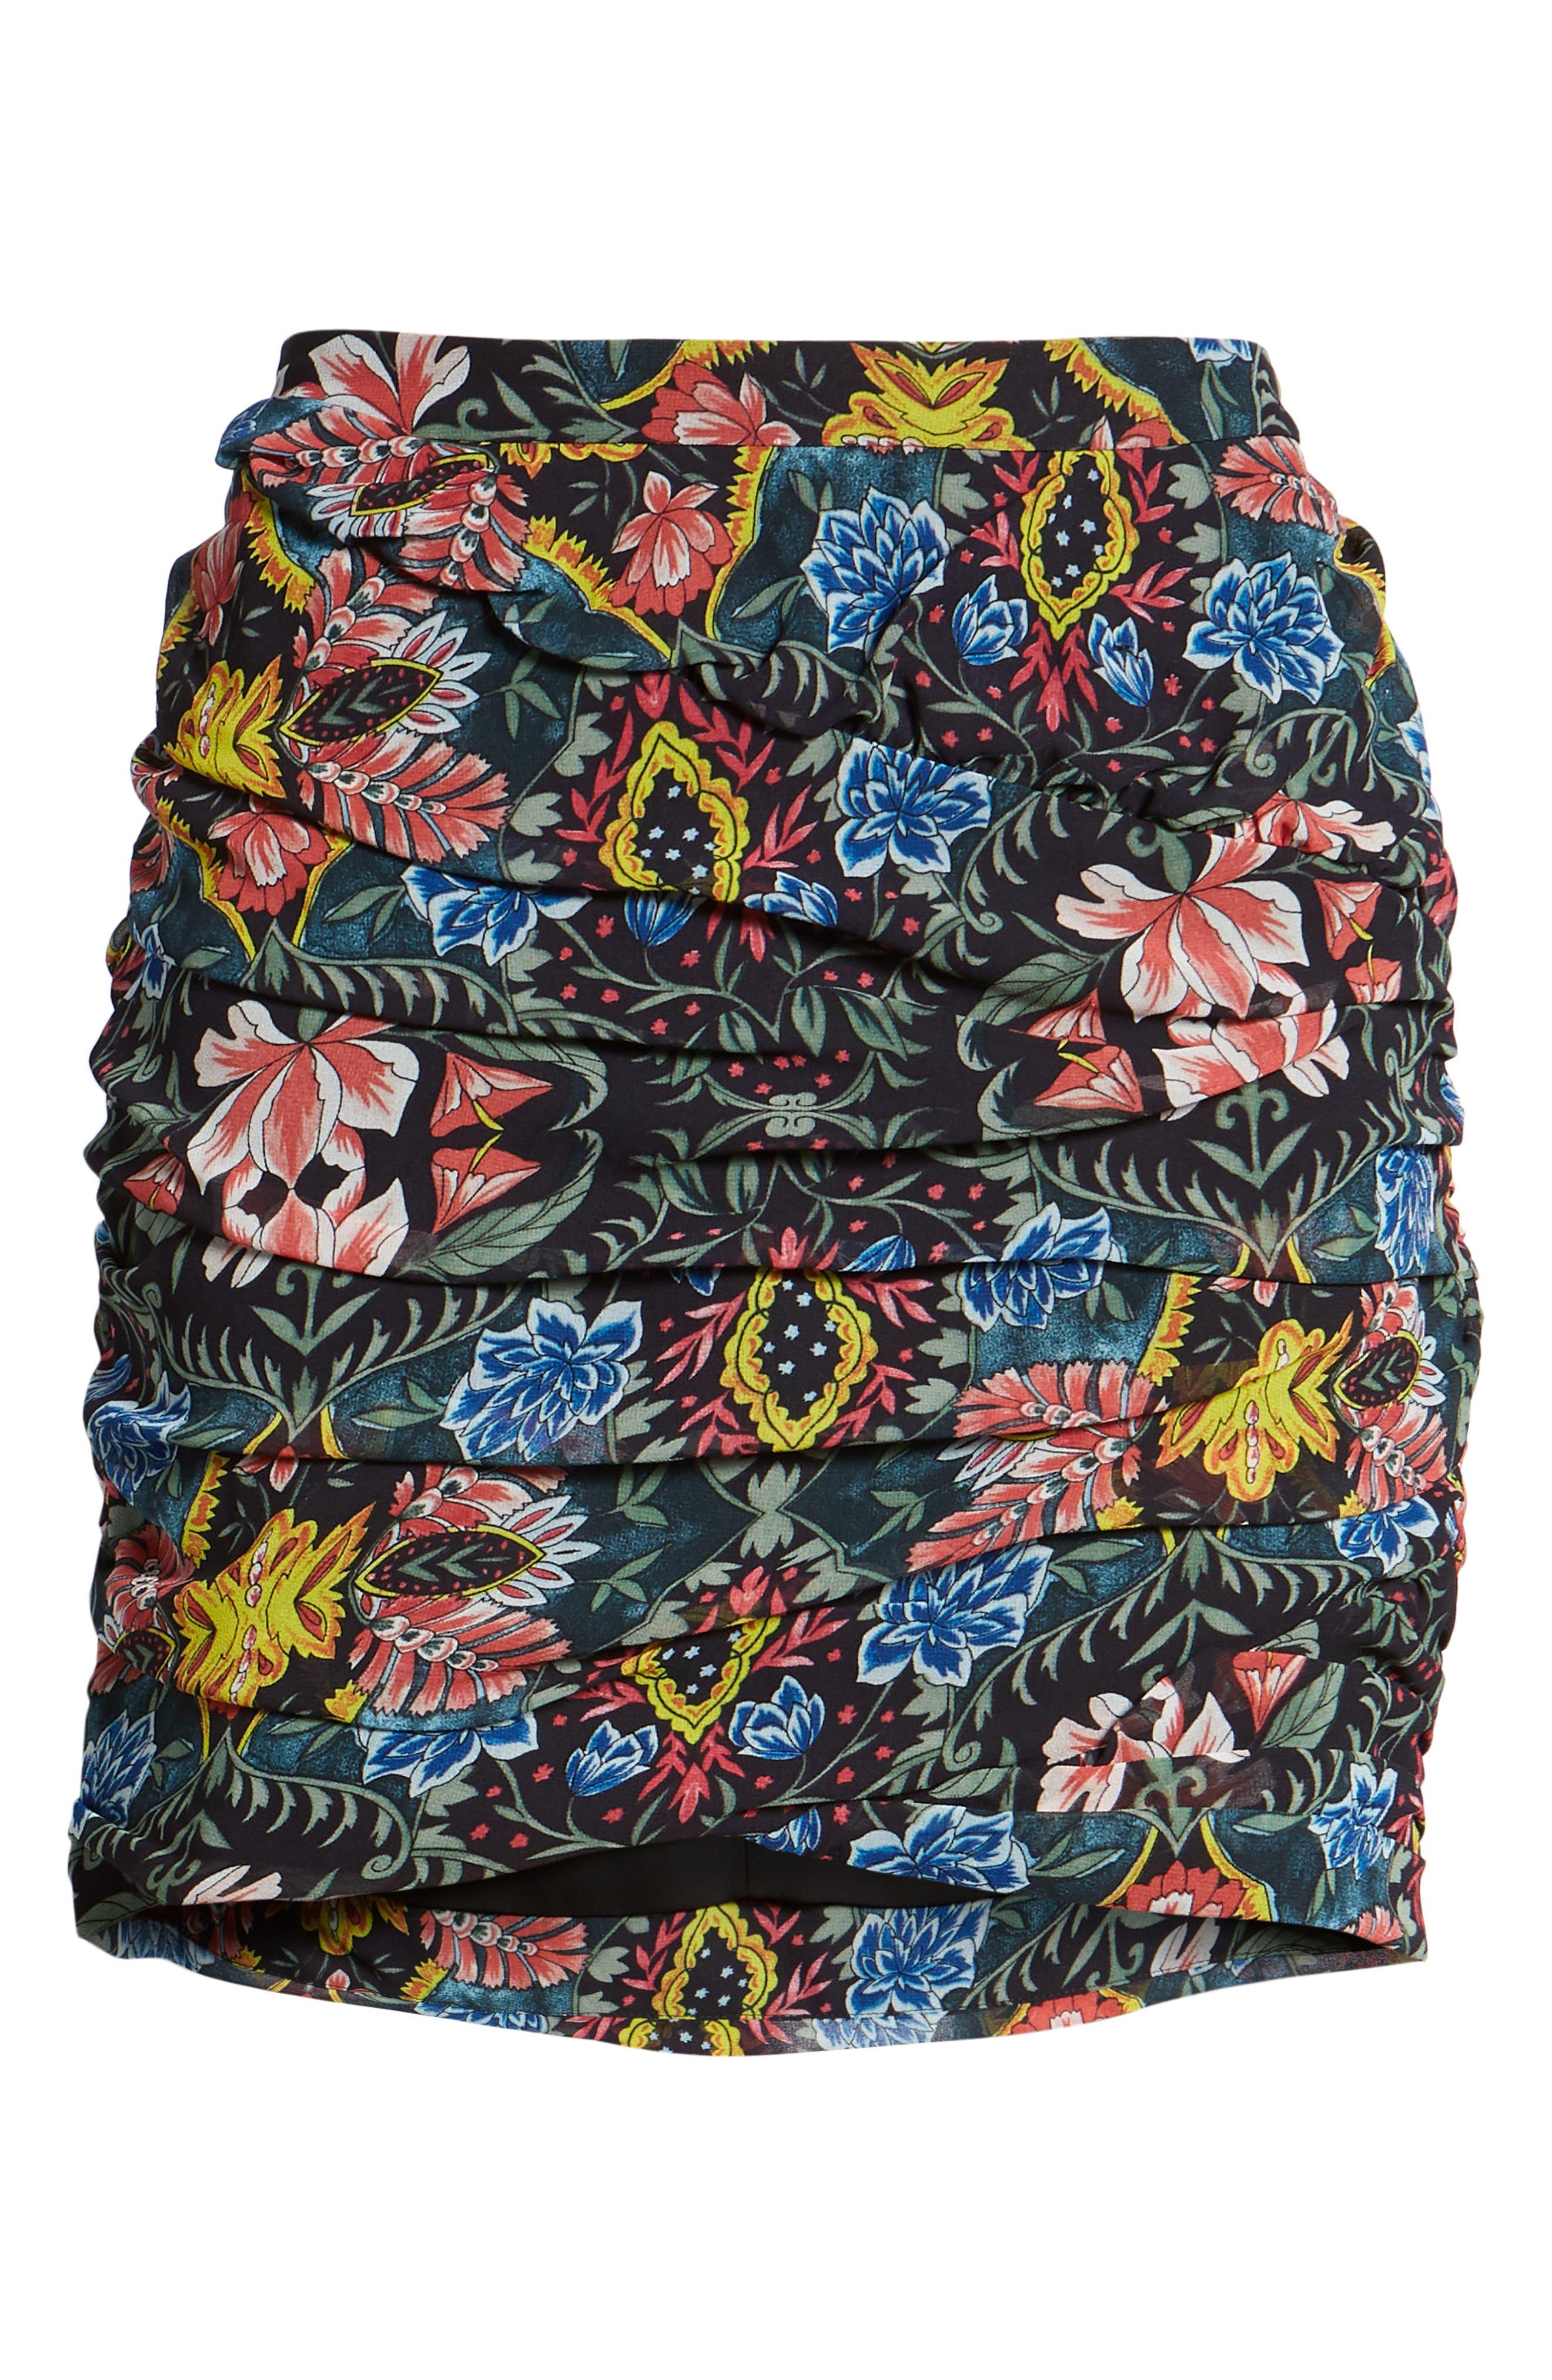 Adalynn Floral Miniskirt,                             Alternate thumbnail 6, color,                             MULTI